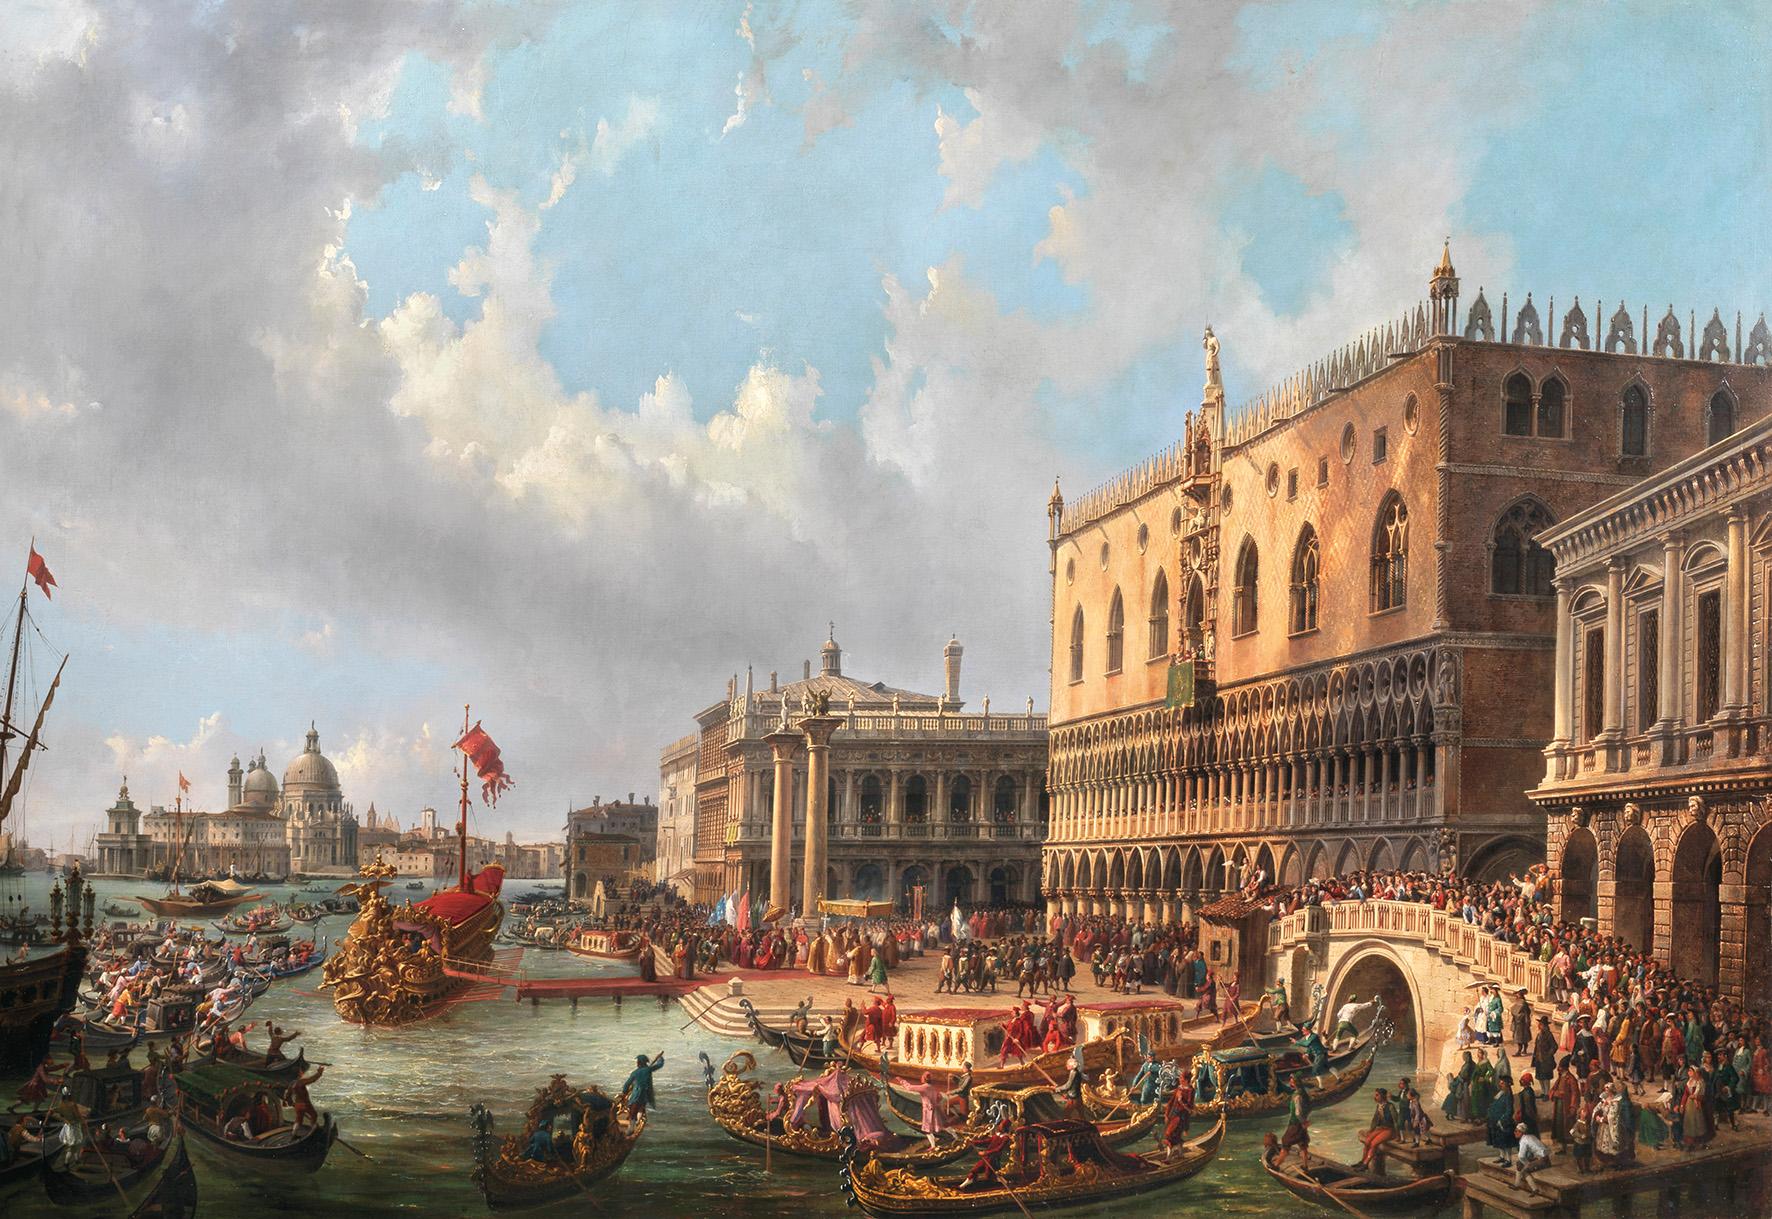 Dorotheum celebra Venezia in una serie di aste dedicate all'arte antica